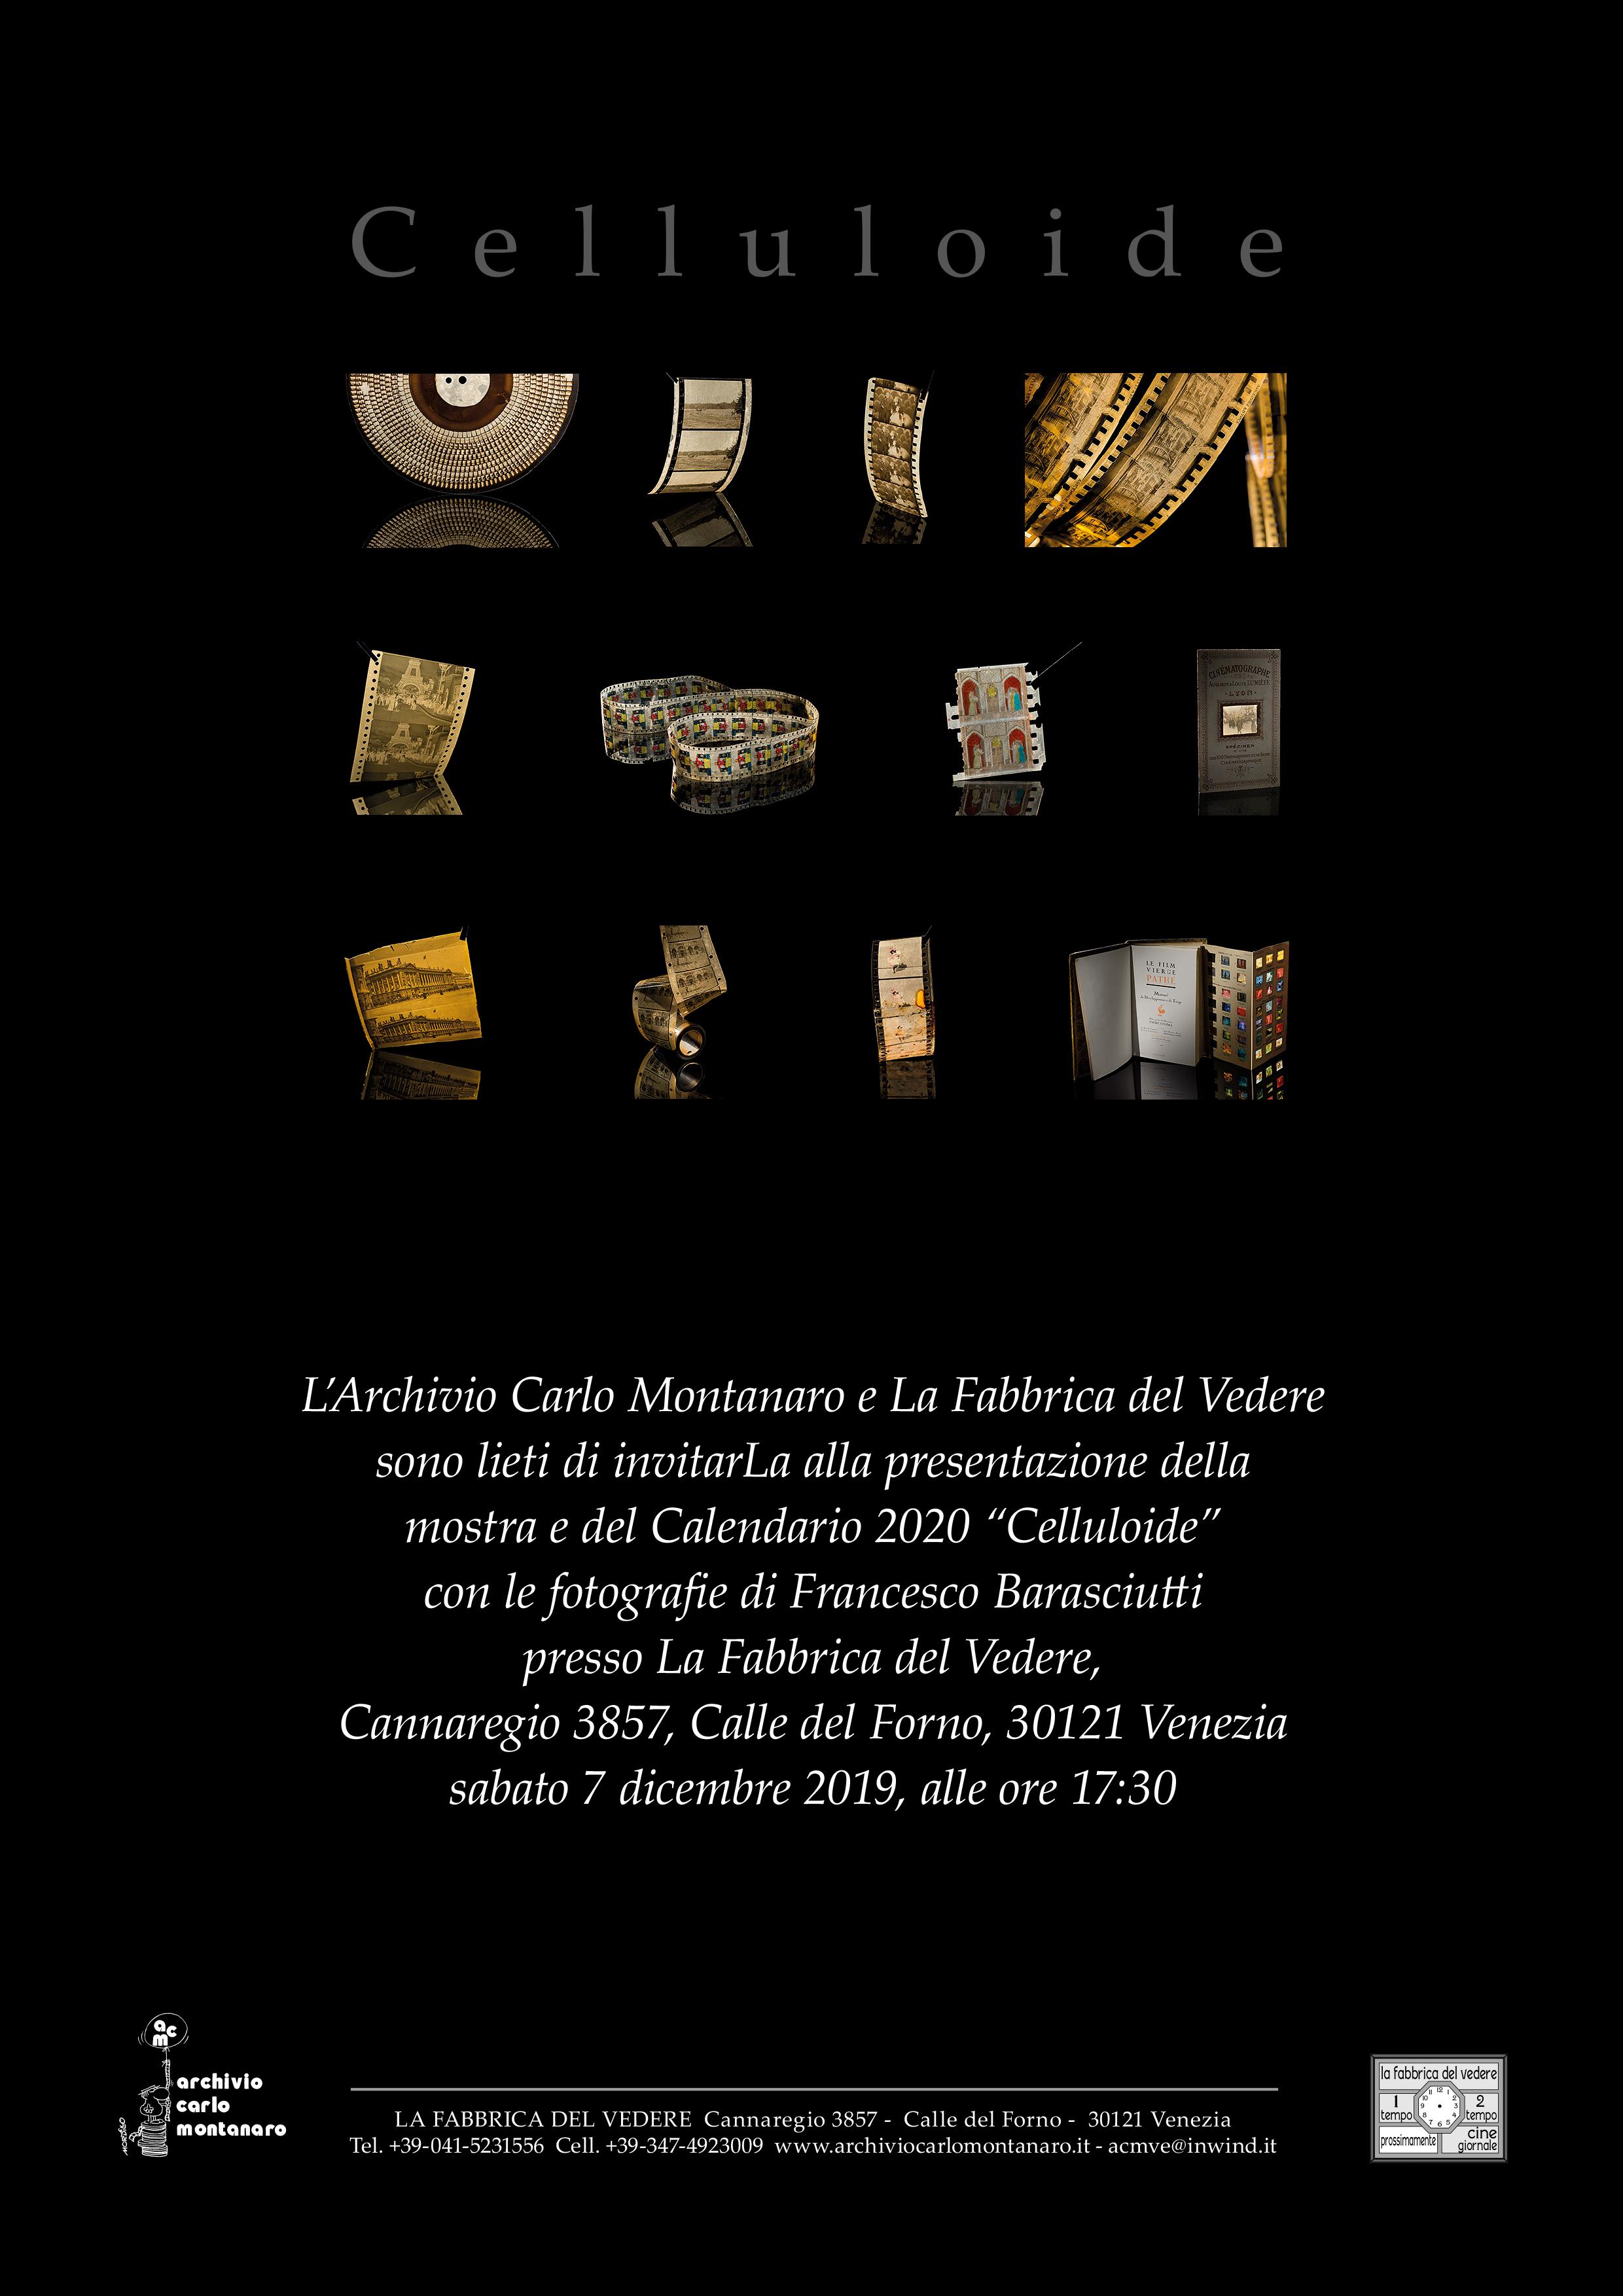 Arriva il 2020, torna alla Fabbrica del Vedere la mostra del calendario dedicato stavolta alla Celluloide